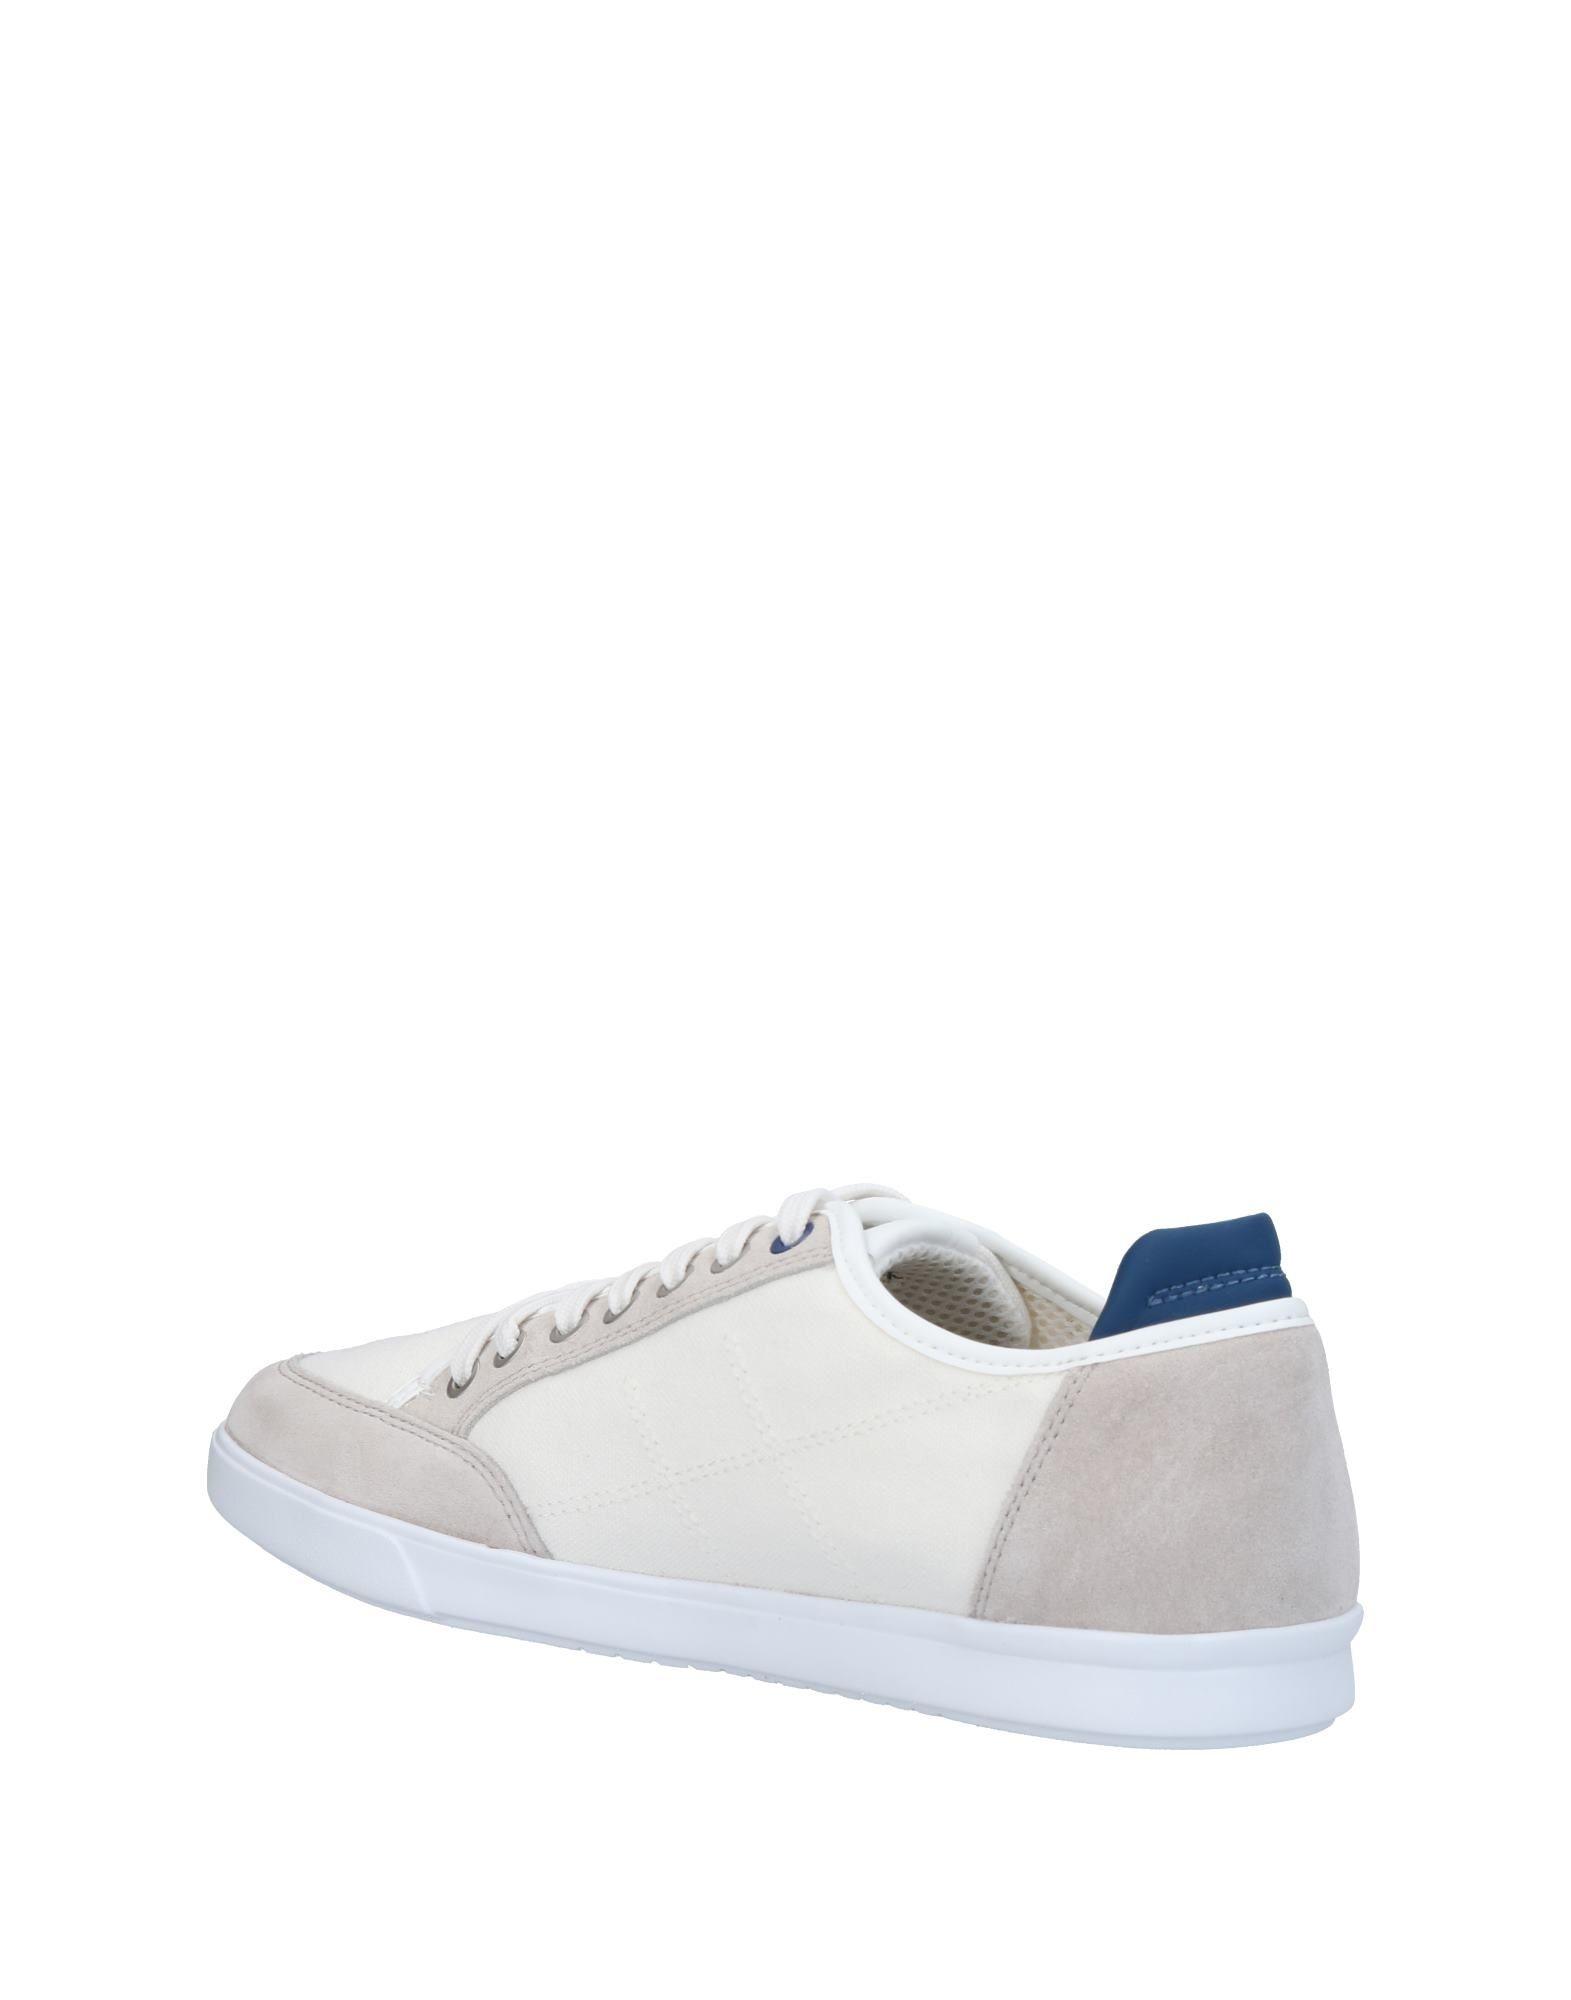 Geox  Sneakers Herren  Geox 11217753WE Heiße Schuhe f34759